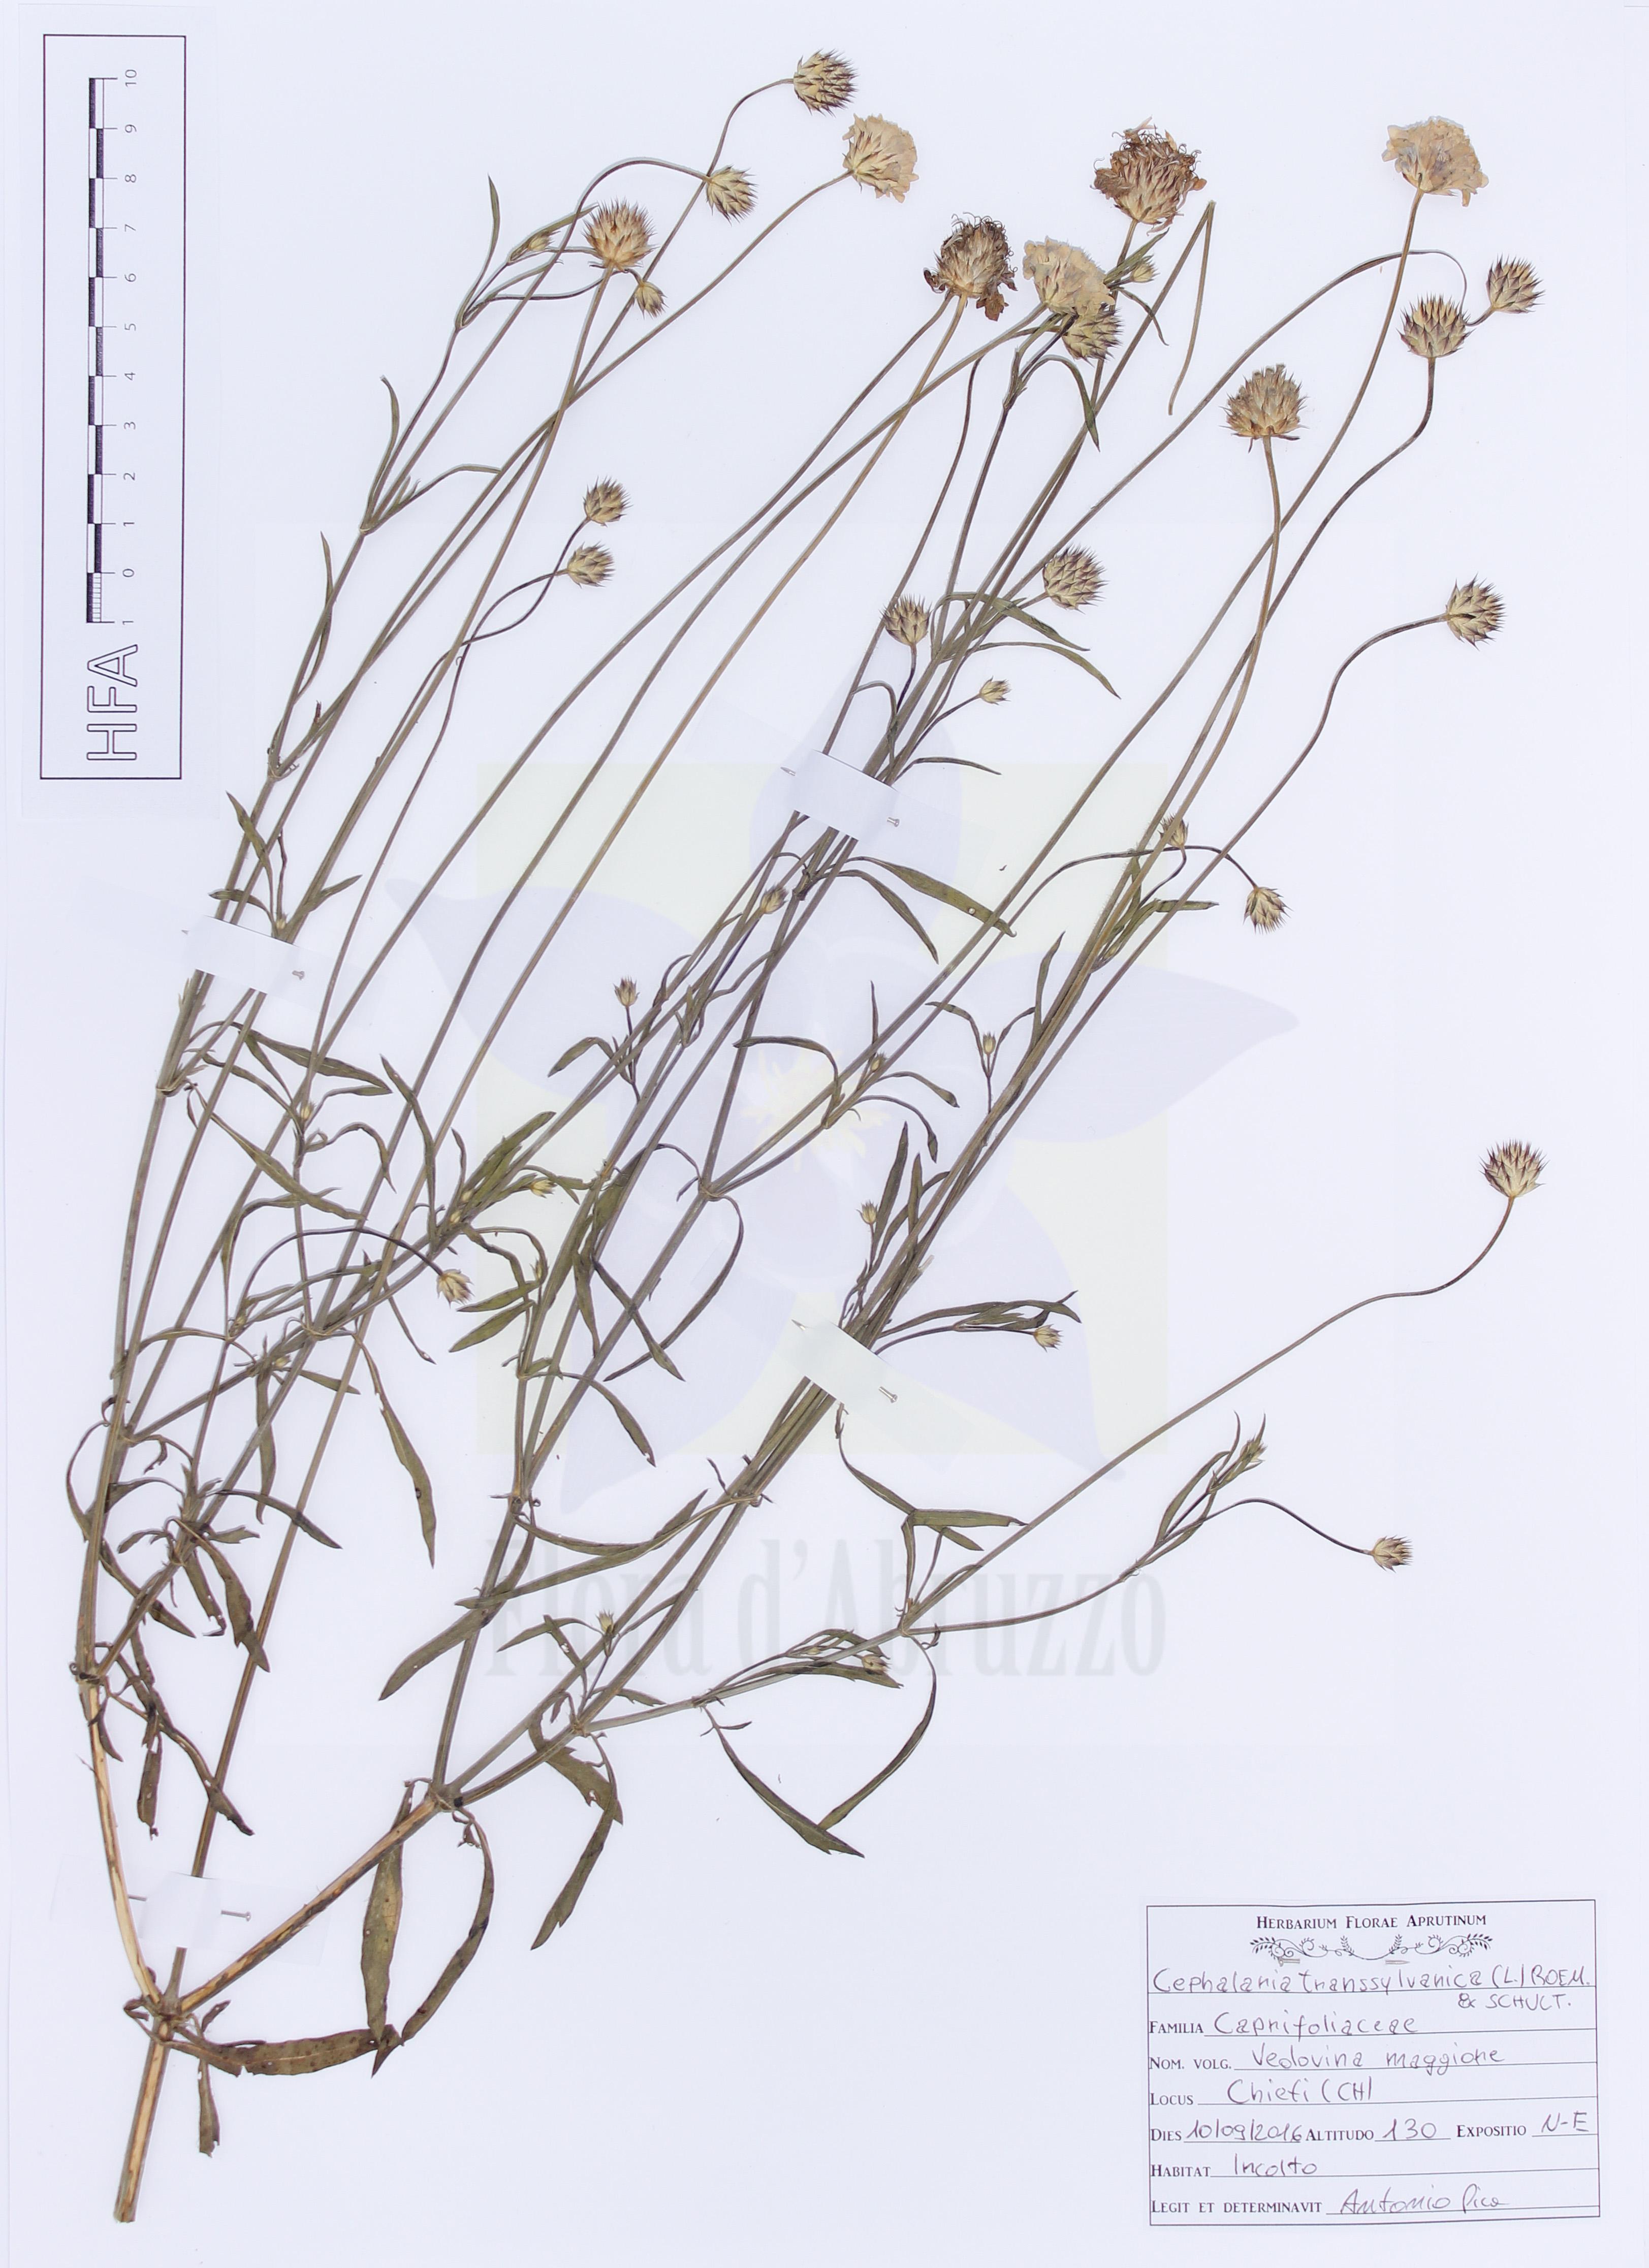 Cephalaria transsylvanica(L.) Roem. & Schult.